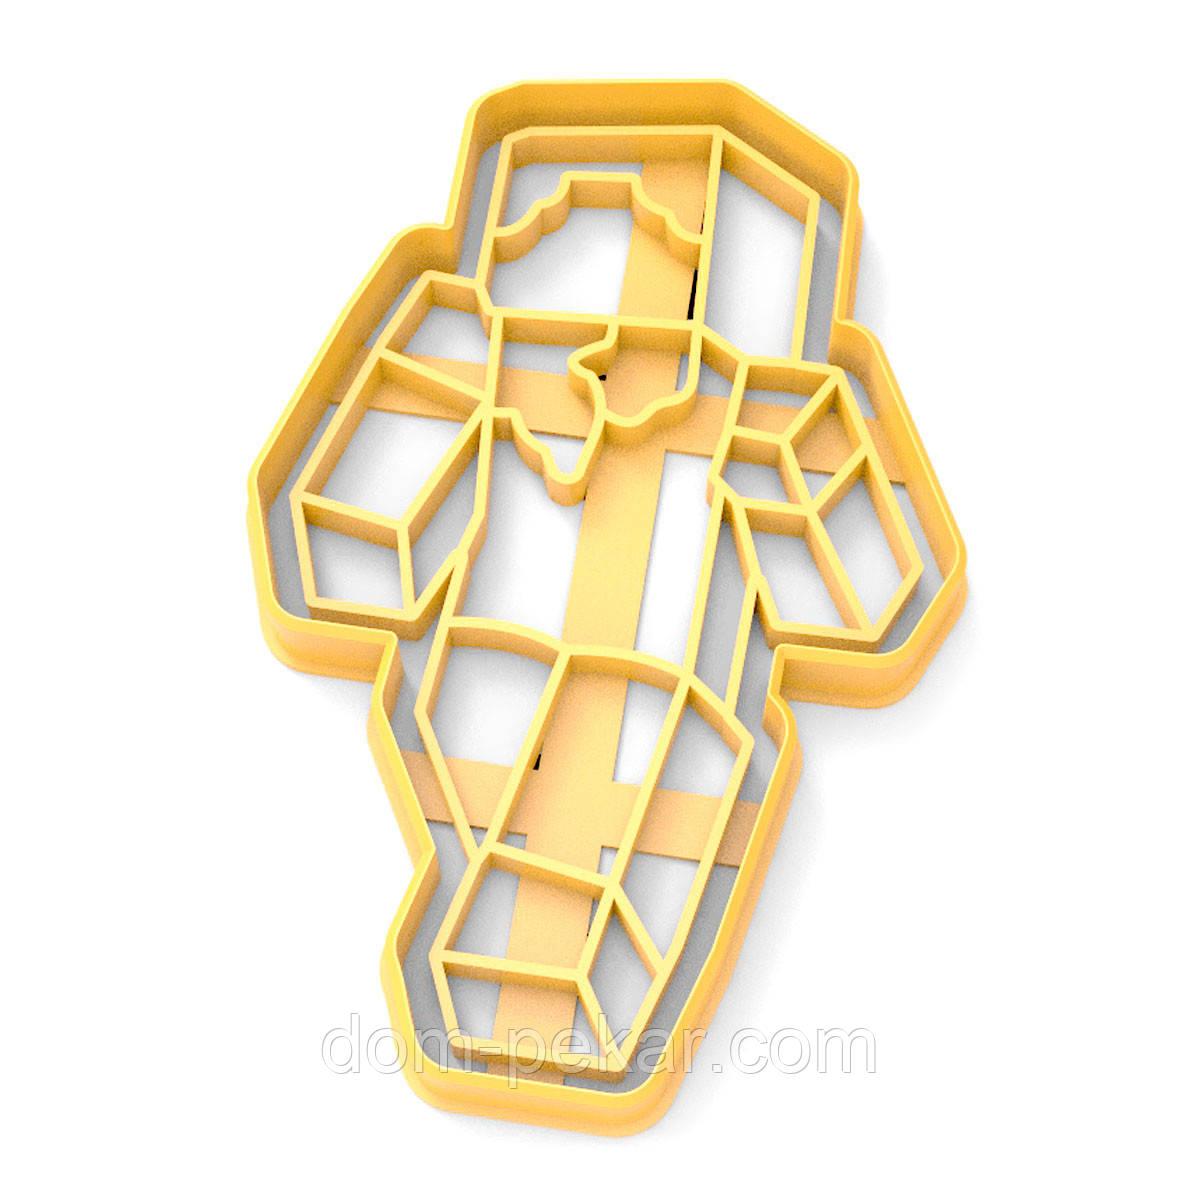 Вырубка для пряников Майнкрафт Человечек 12*7,5 см (3D)